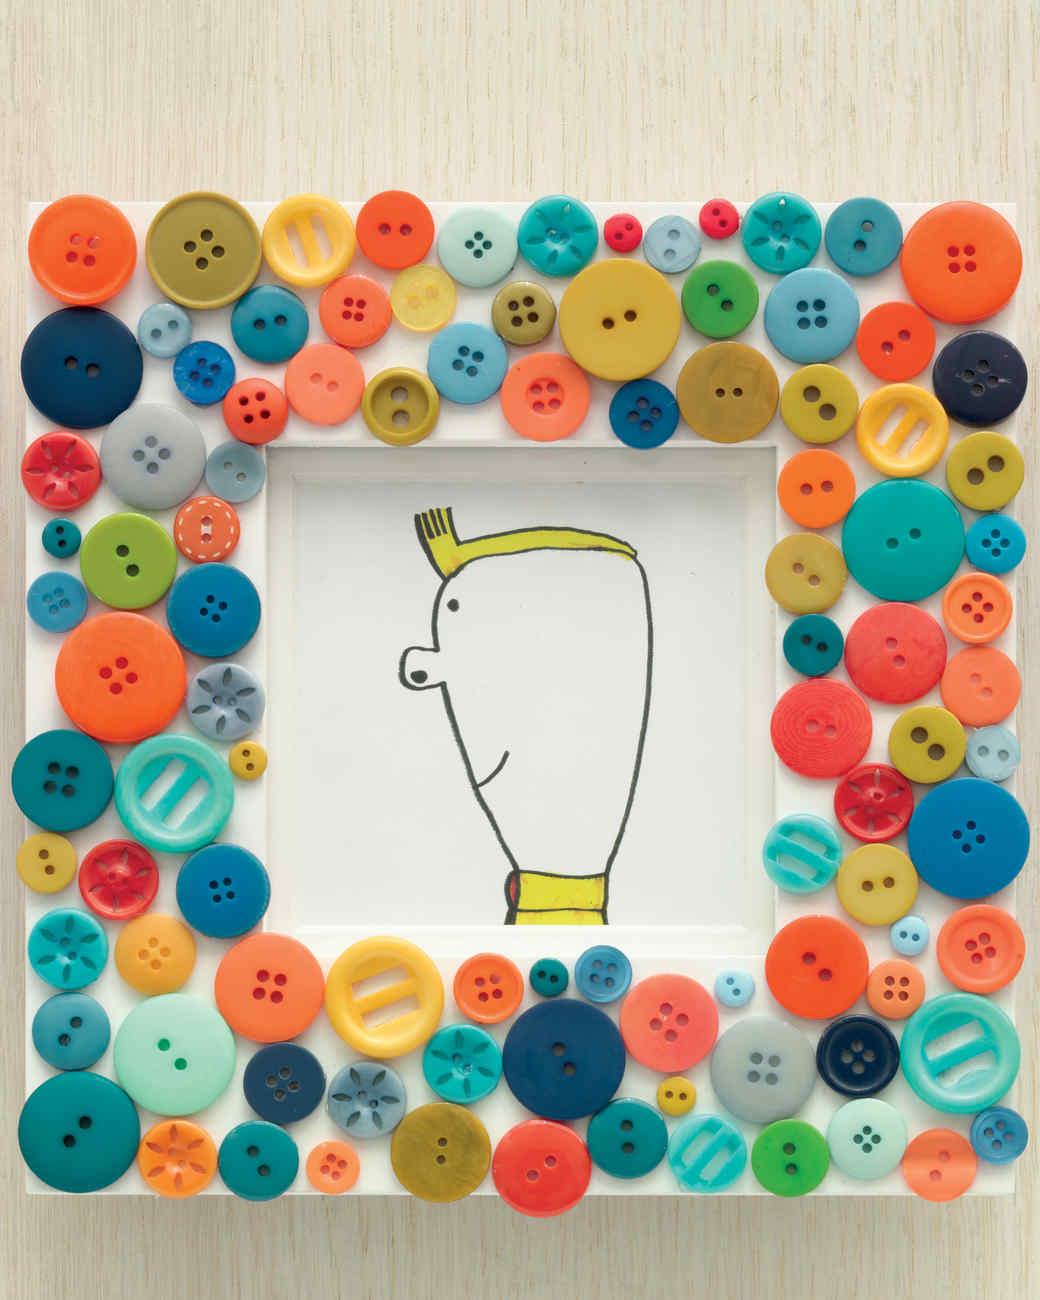 button-frames-kids-craft-9780307954749-288-0001_vert – Art Stars